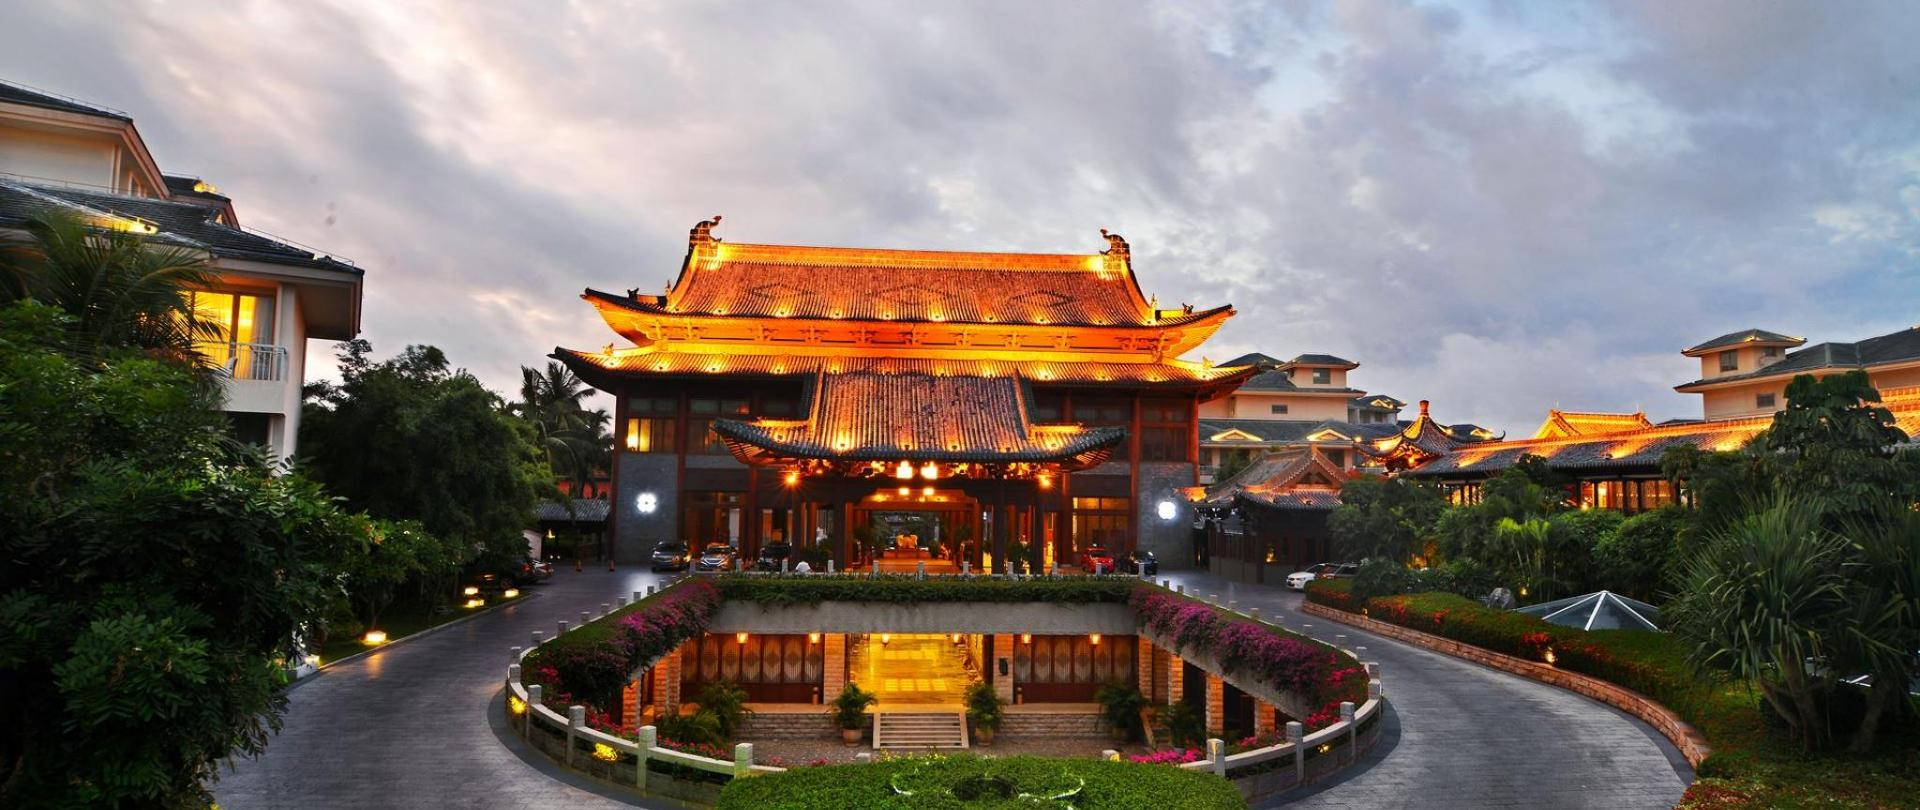 2 三亚亚龙湾华宇度假酒店-酒店夜景 3.jpg